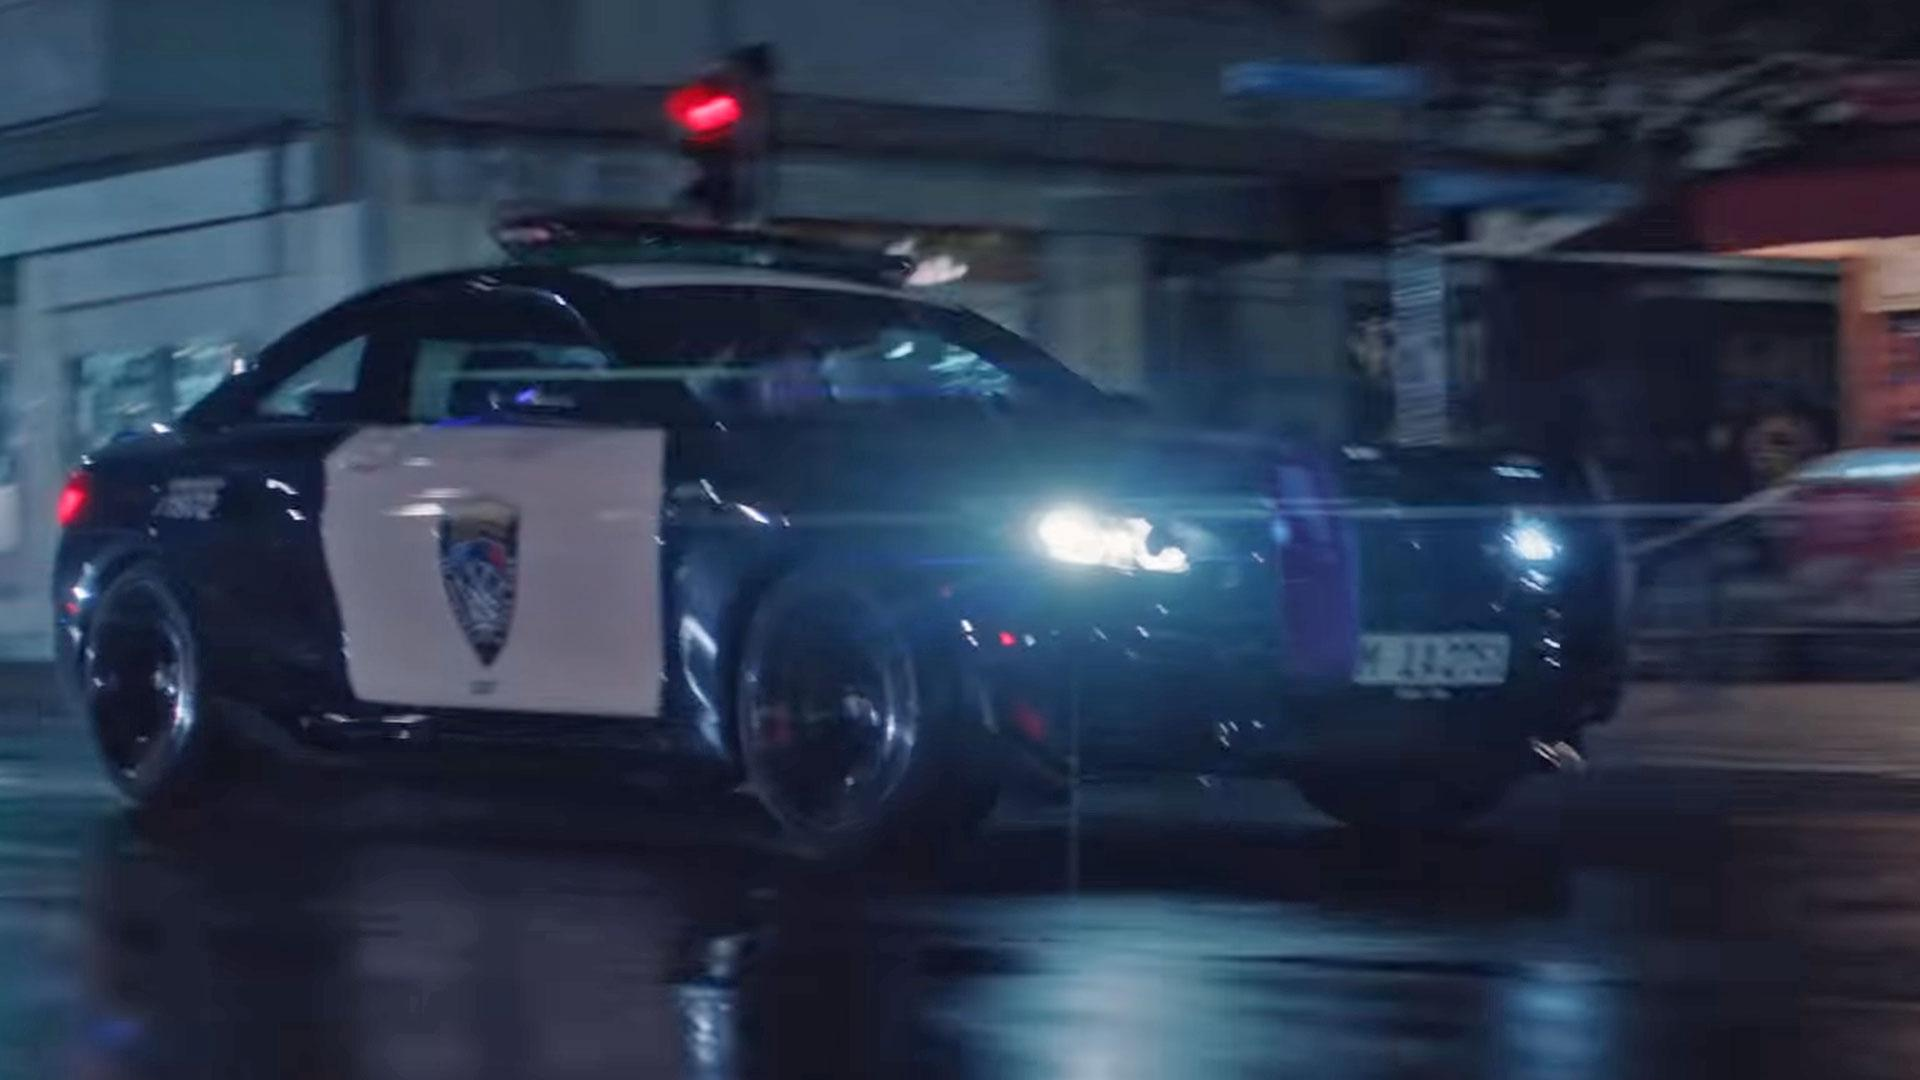 BMW M2-politieautoBMW M2-politieauto